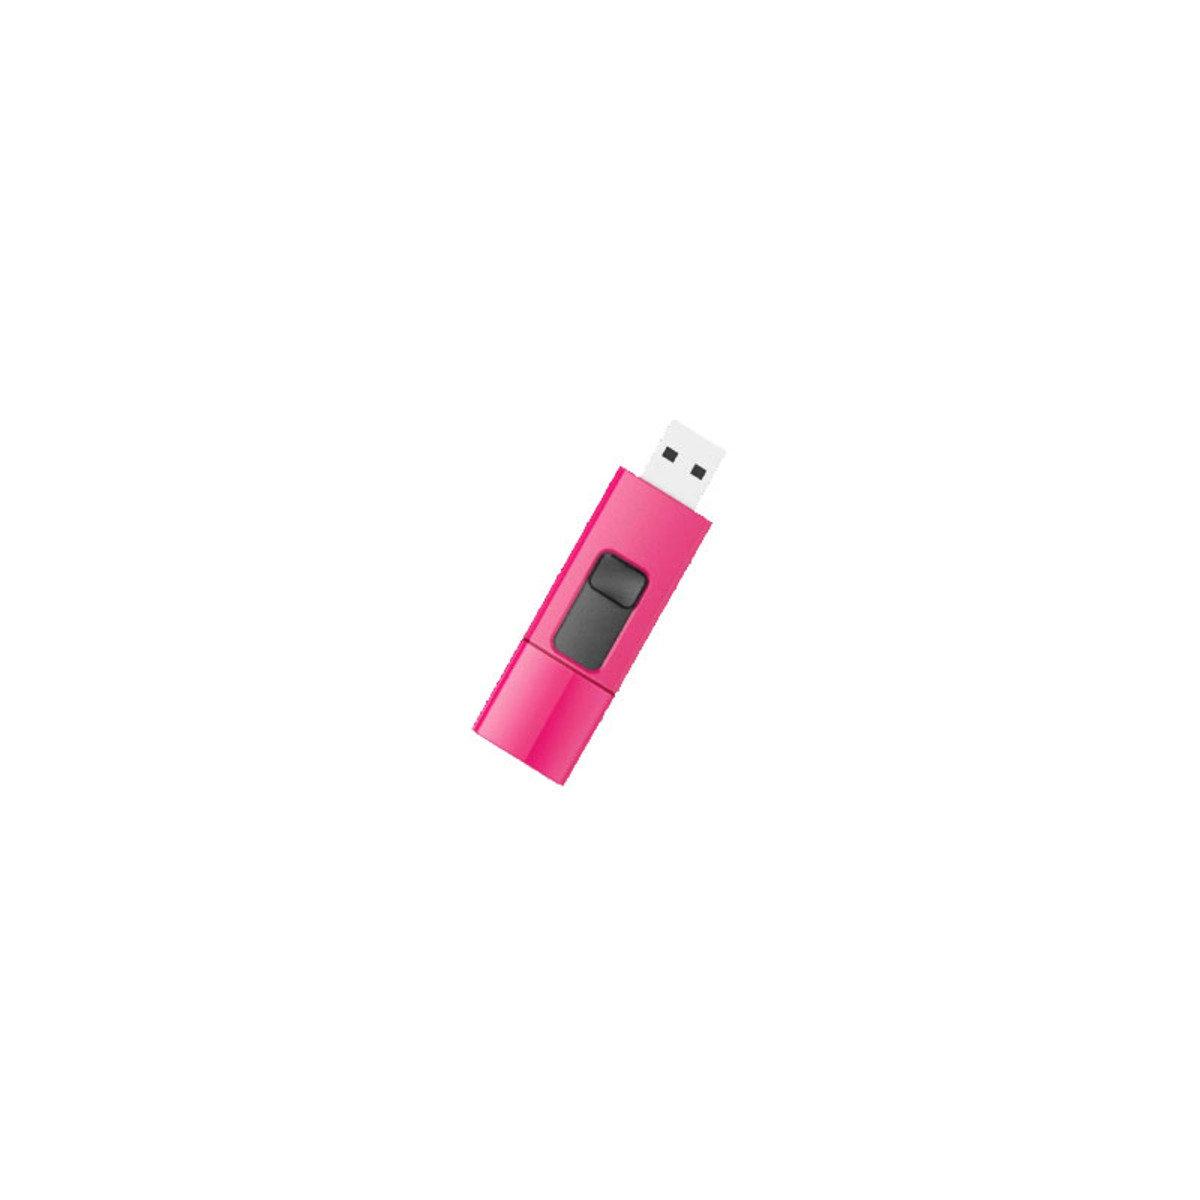 高速USB3.0快閃記憶棒 32GB Blaze B05 粉紅